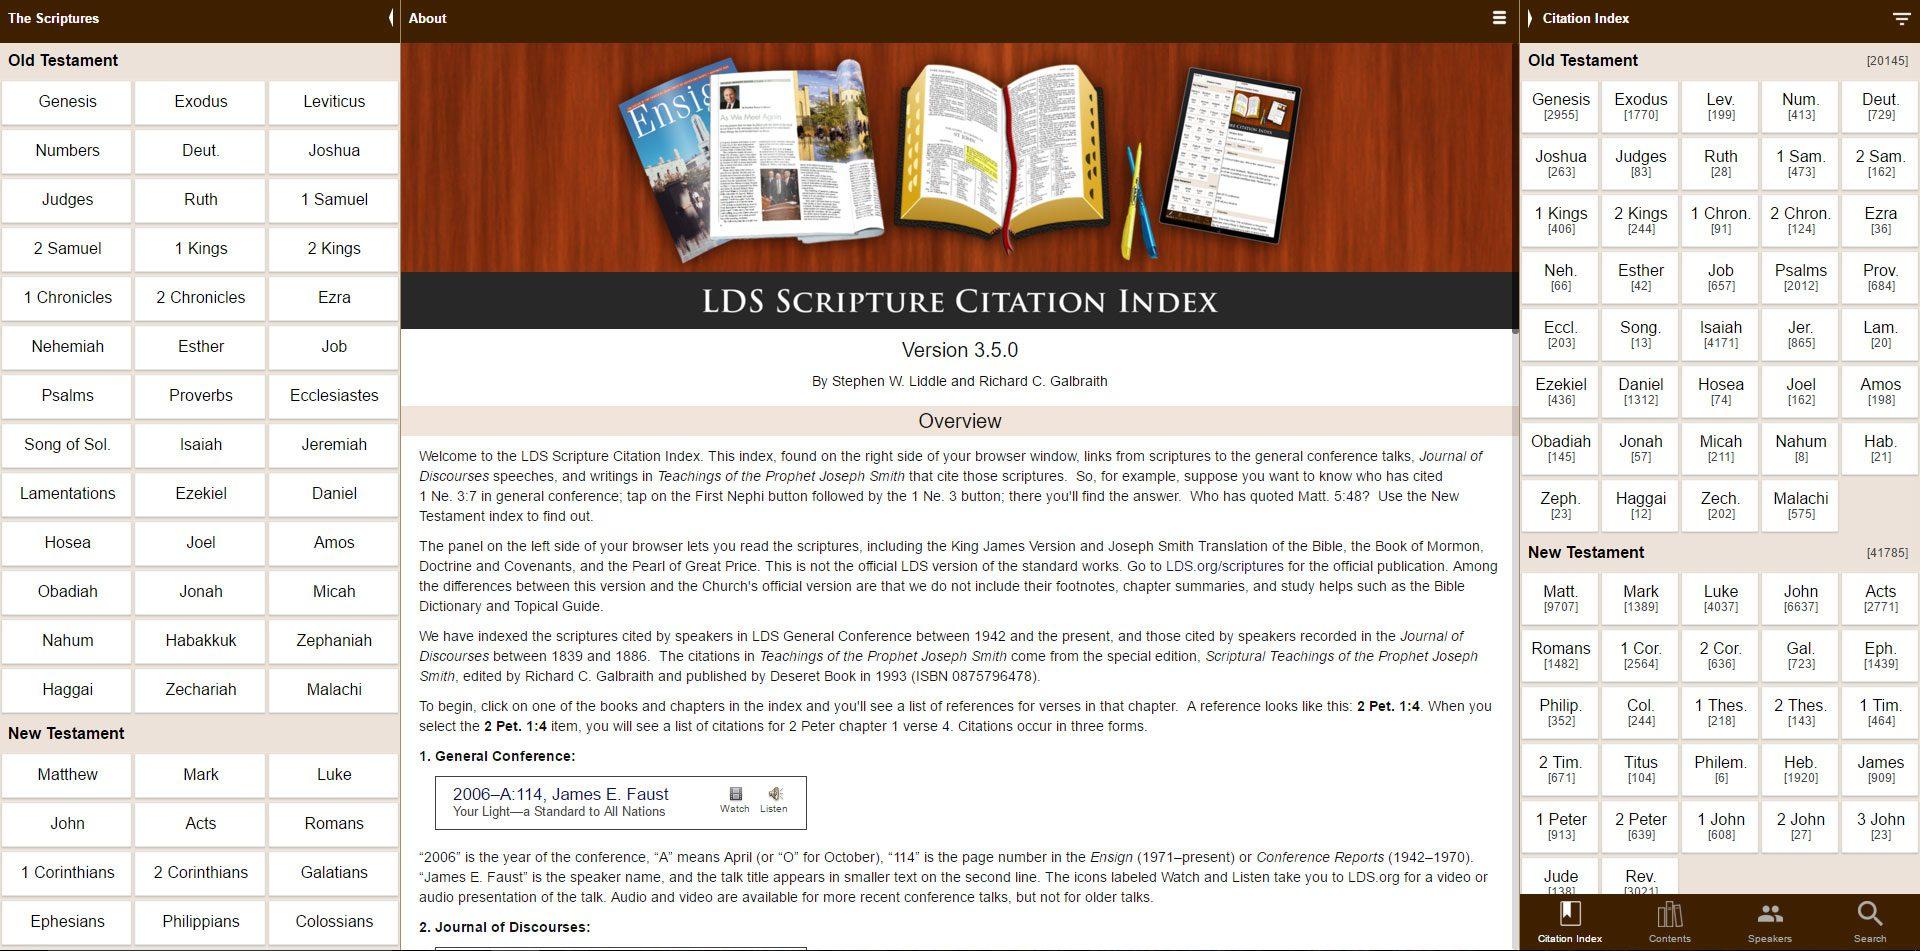 scriptures.byu.edu